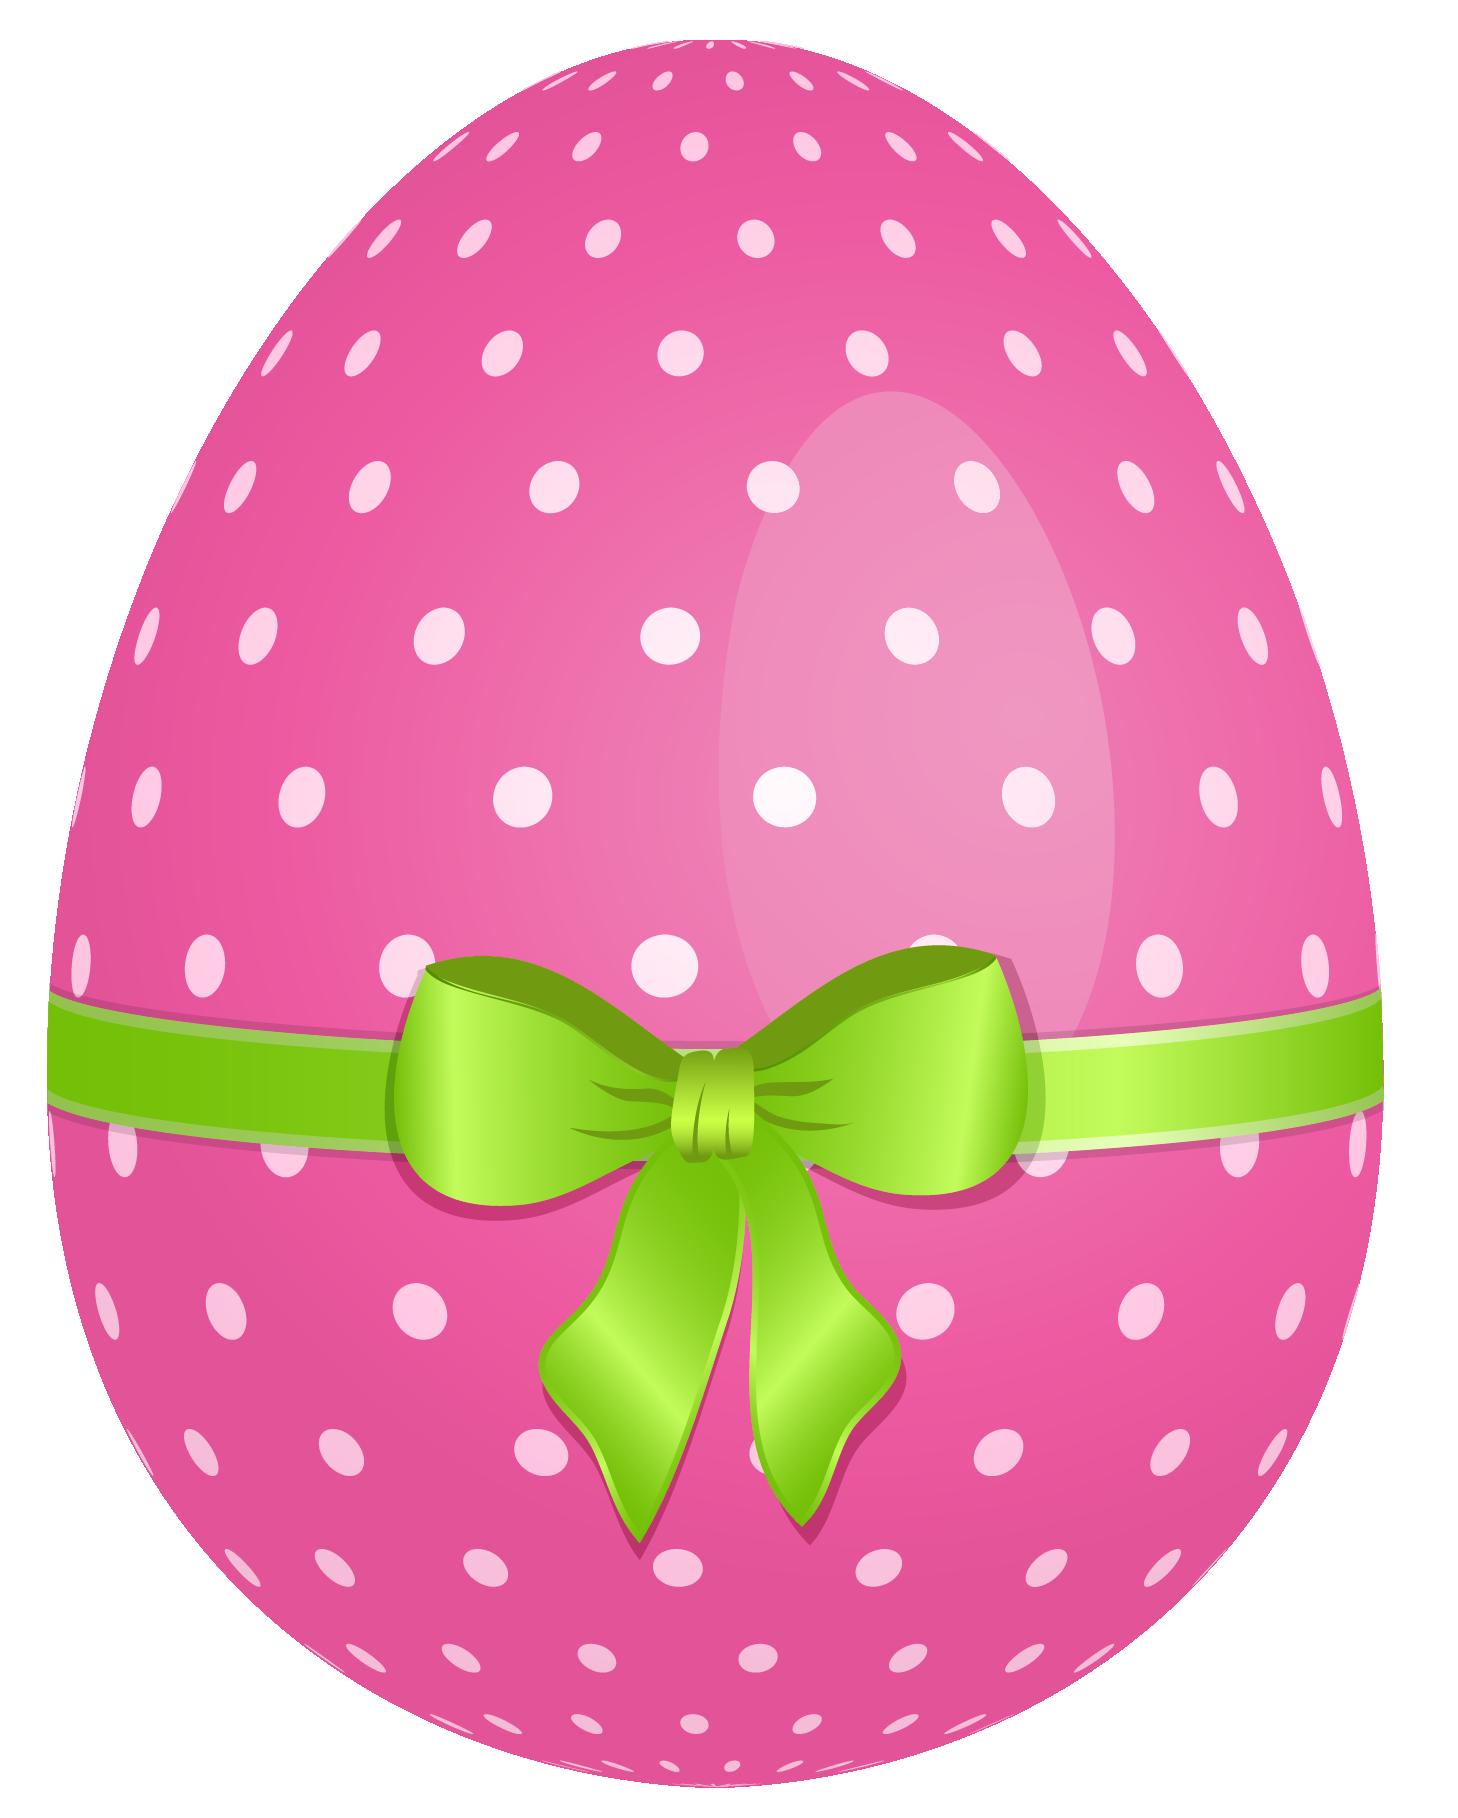 Egg easter clipart clip art freeuse Easter egg clipart - ClipartFest clip art freeuse